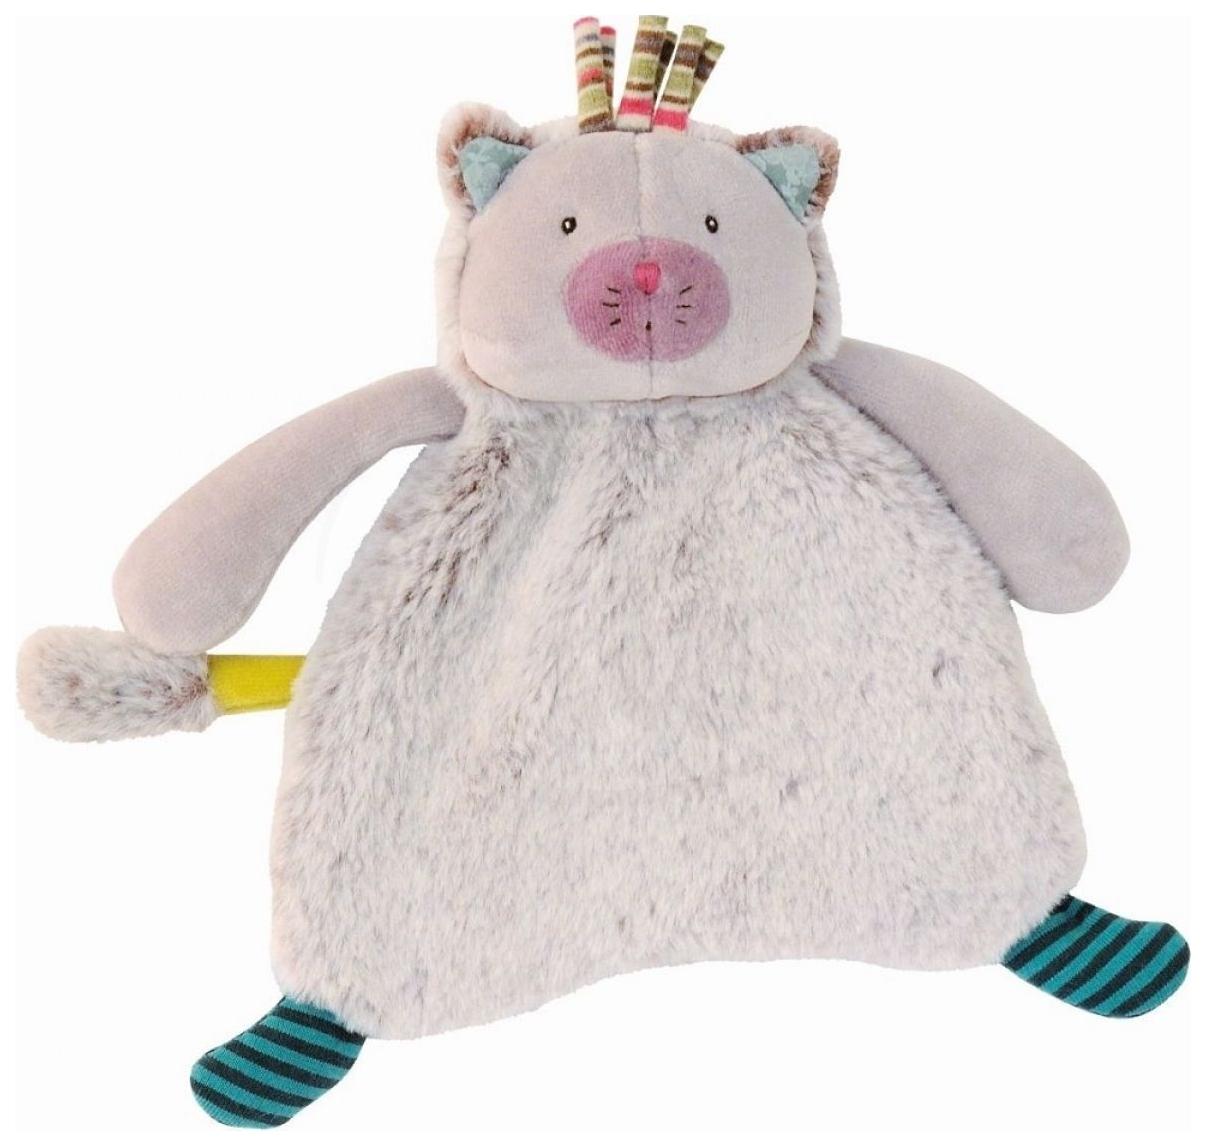 Купить Котик комфортер 660016, Игрушка-комфортер Котик Moulin Roty 660016, Комфортеры для новорожденных